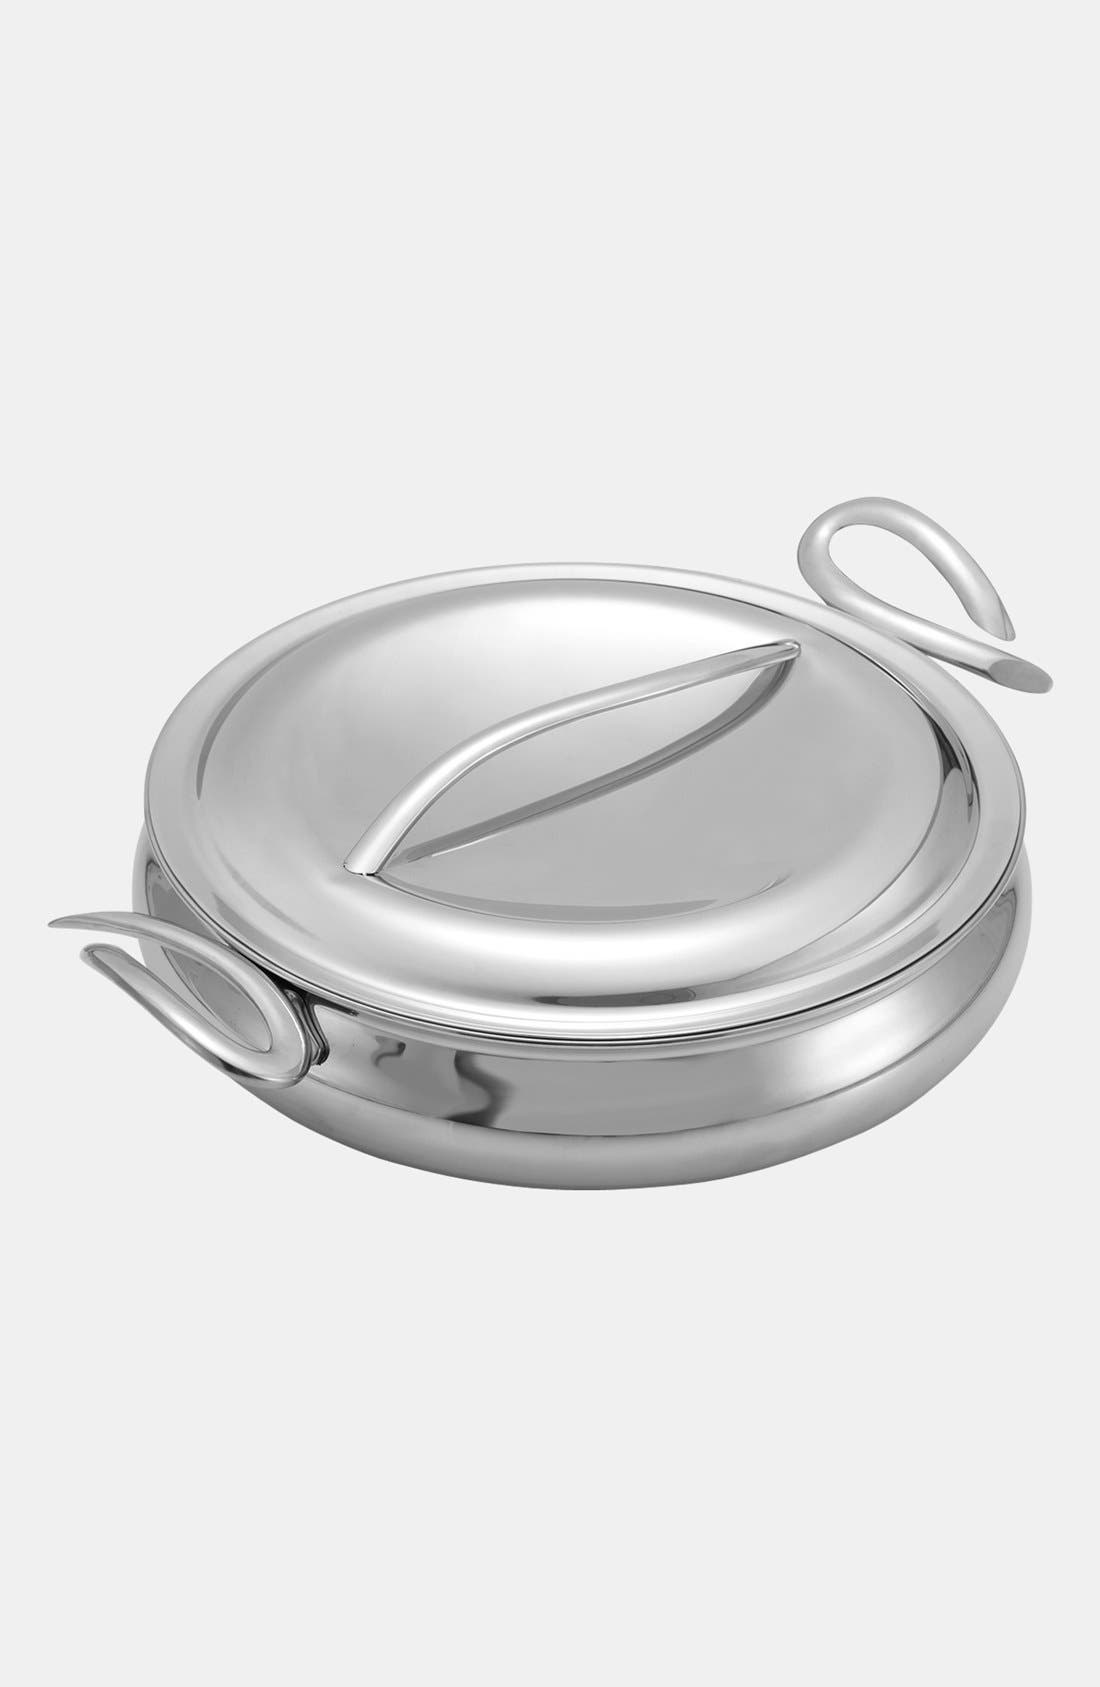 Alternate Image 1 Selected - Nambé 'CookServ' 14 Inch Sauté Pan